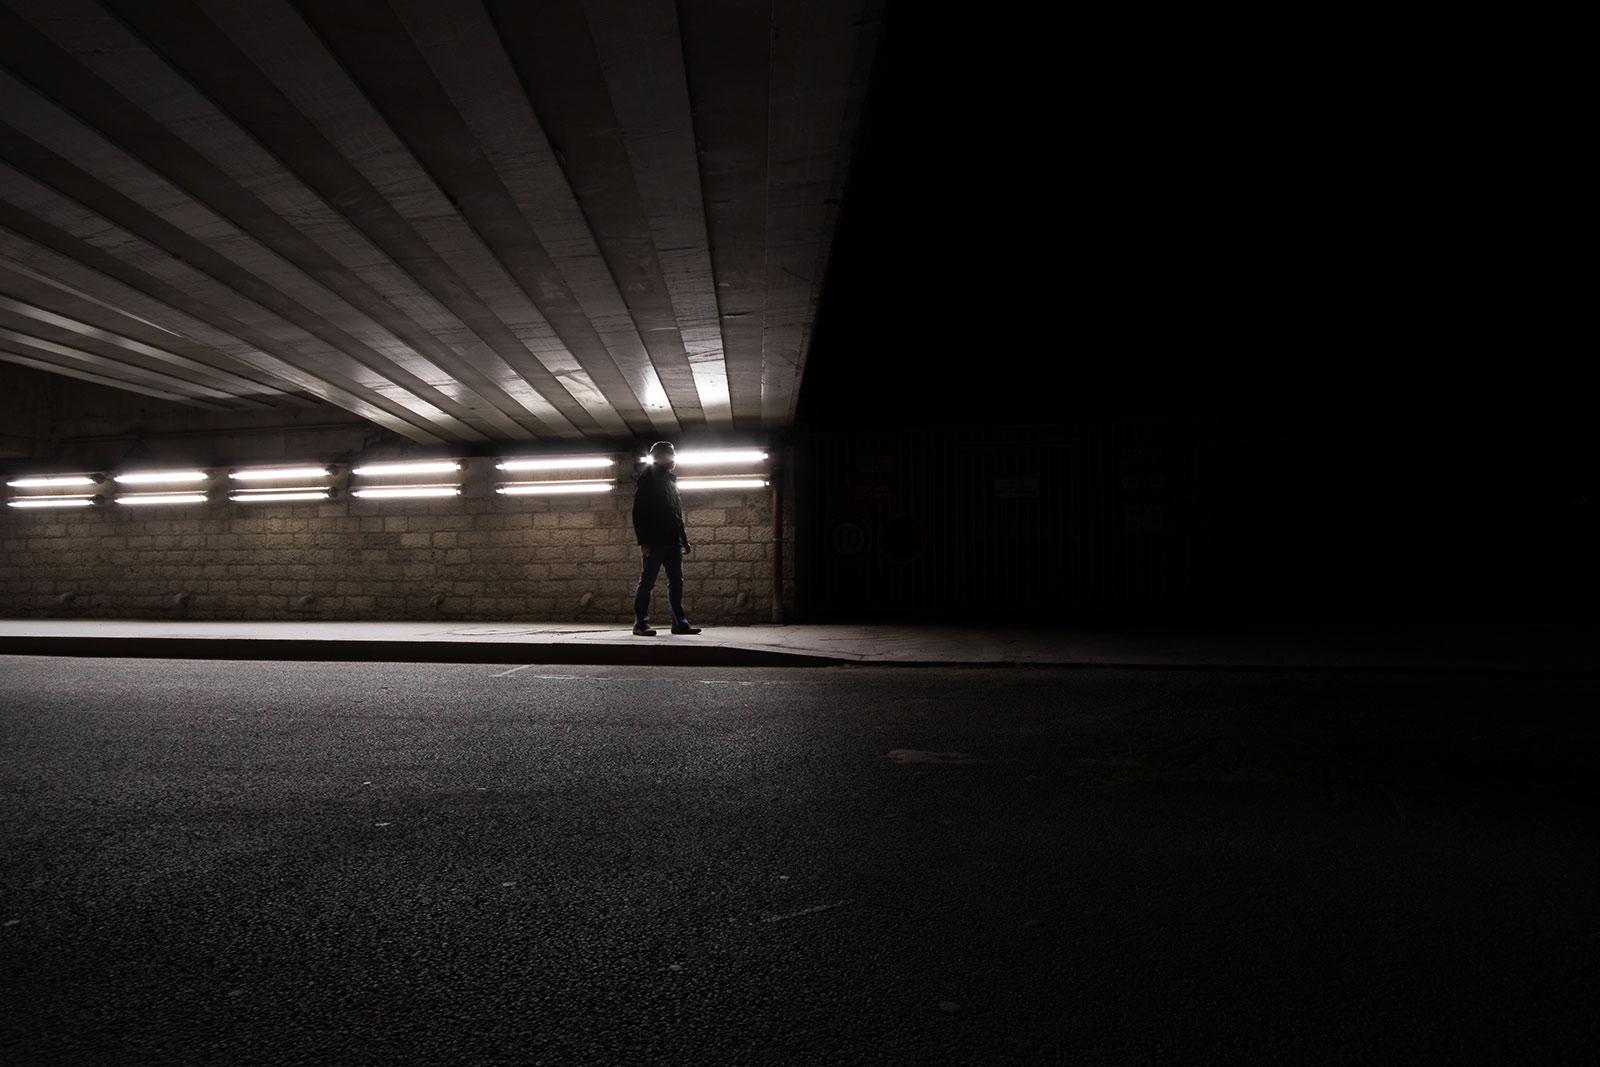 Avalé par les ténèbres - photographie de nuit narrative